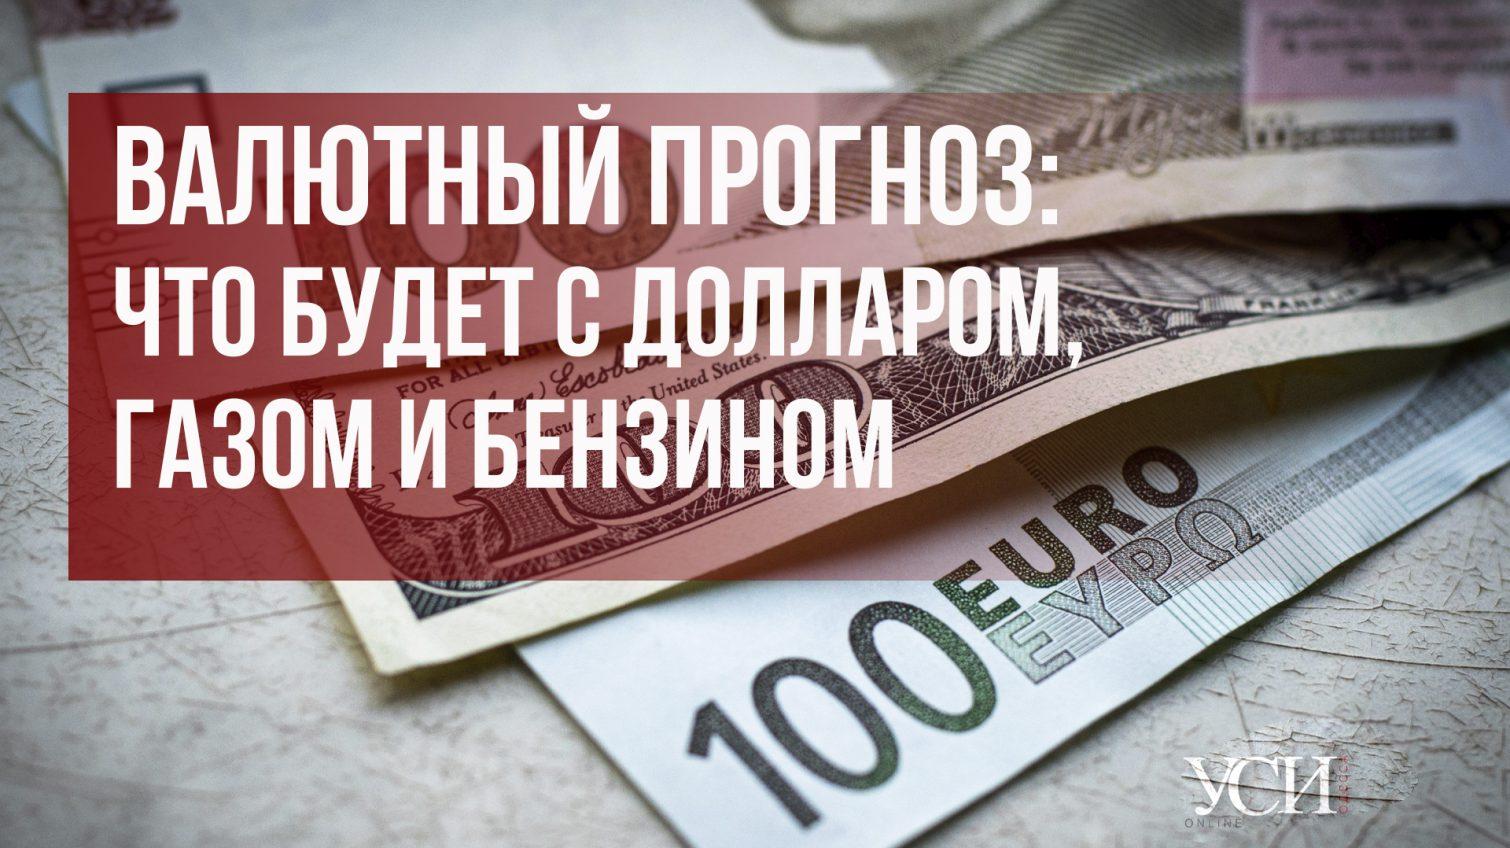 Валютный прогноз: что будет с долларом, газом и бензином «фото»